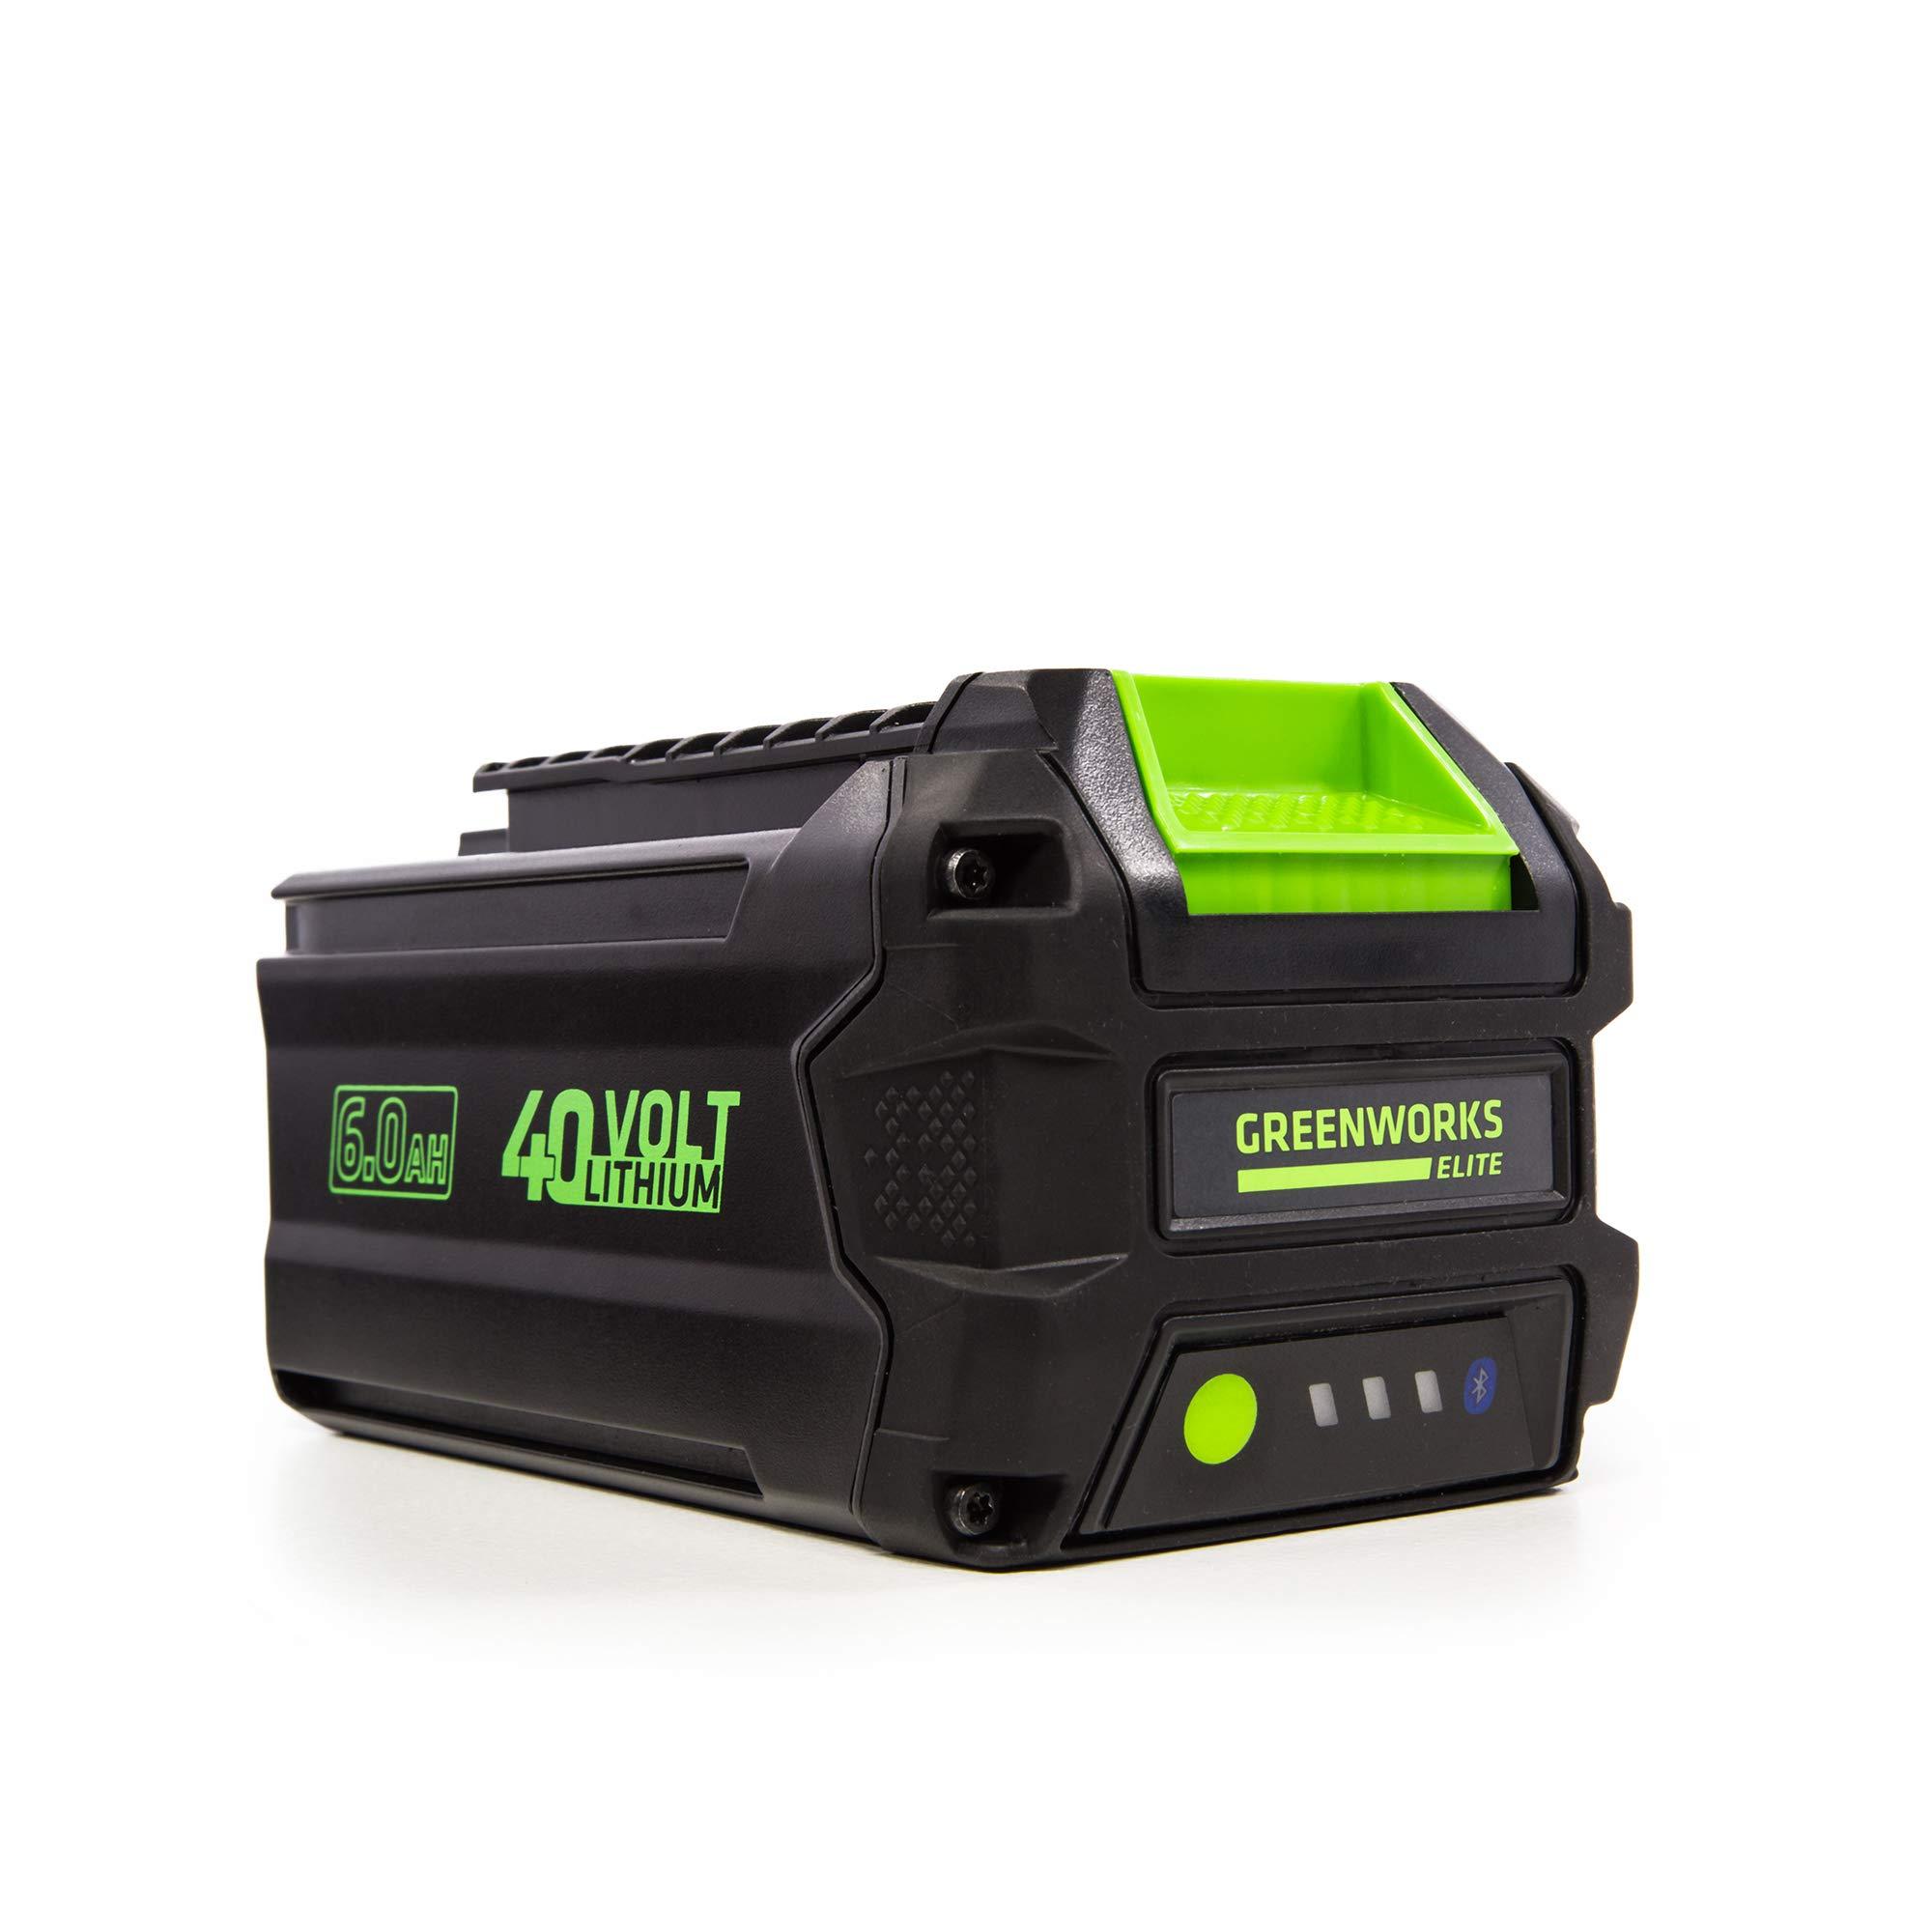 Greenworks 40V 6AH Smart Lithium-Ion USB Battery, 6.0 Ah L-600